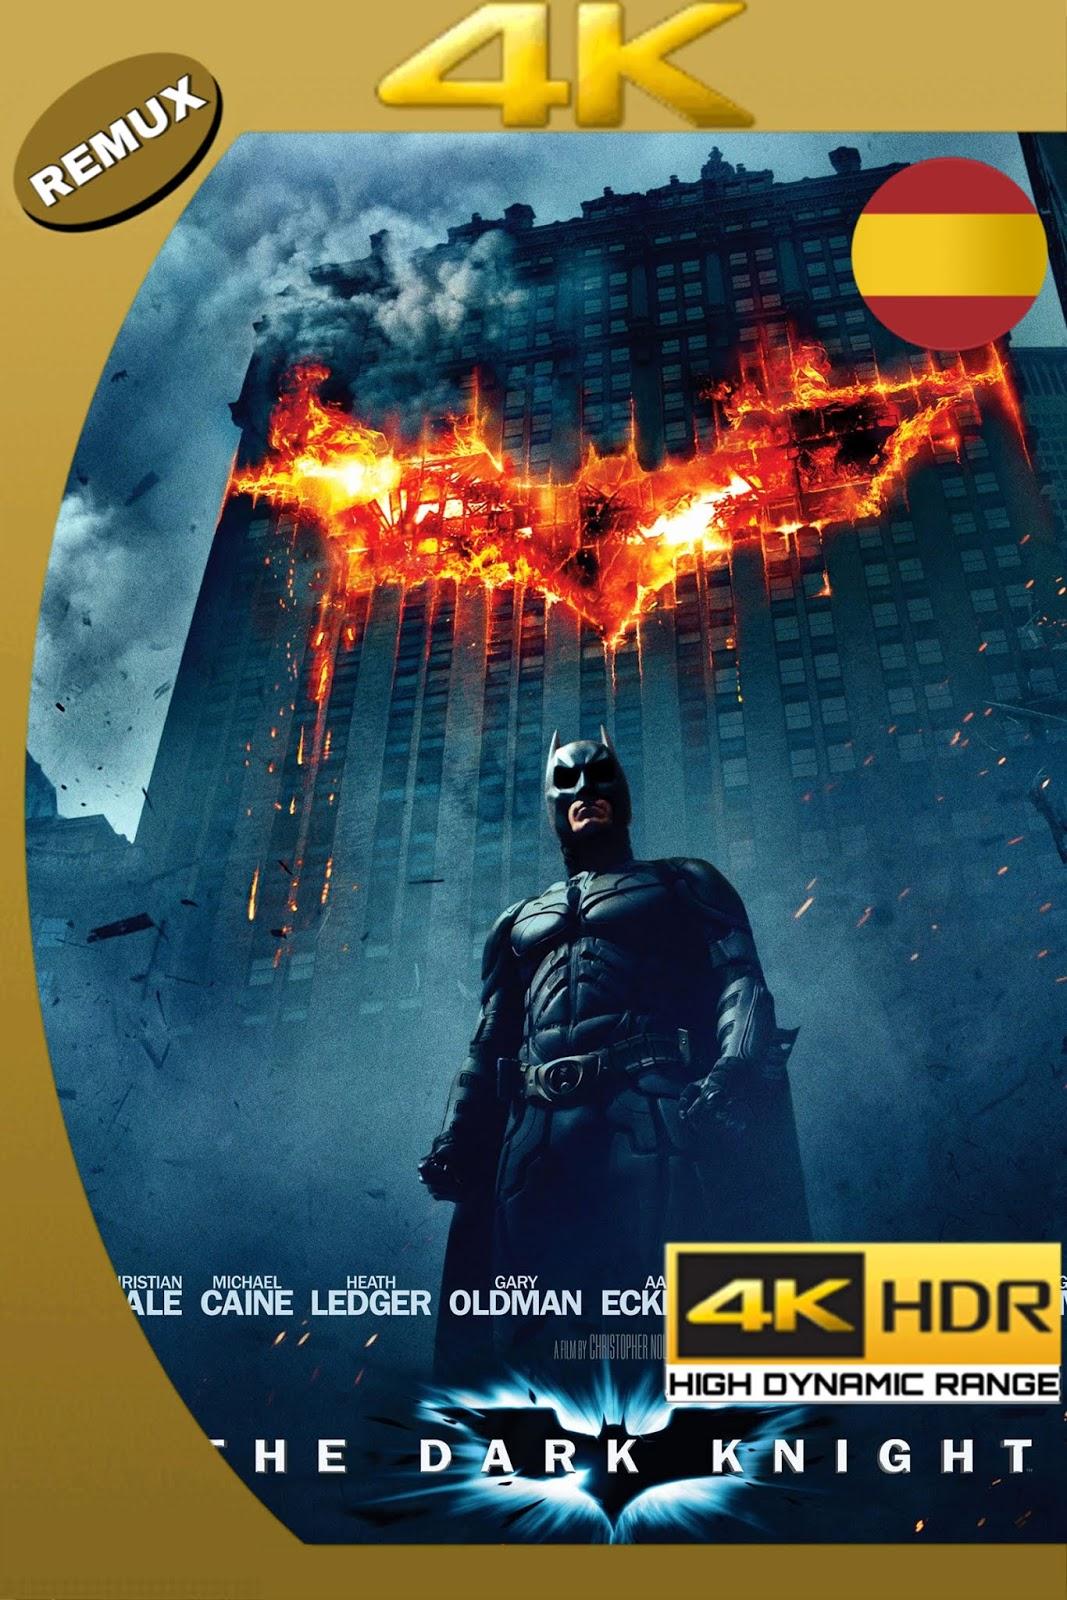 BATMAN: EL CABALLERO DE LA NOCHE 2008 ESPAÑOL + 10 UHD 4K HDR 2160P 63GB.mkv